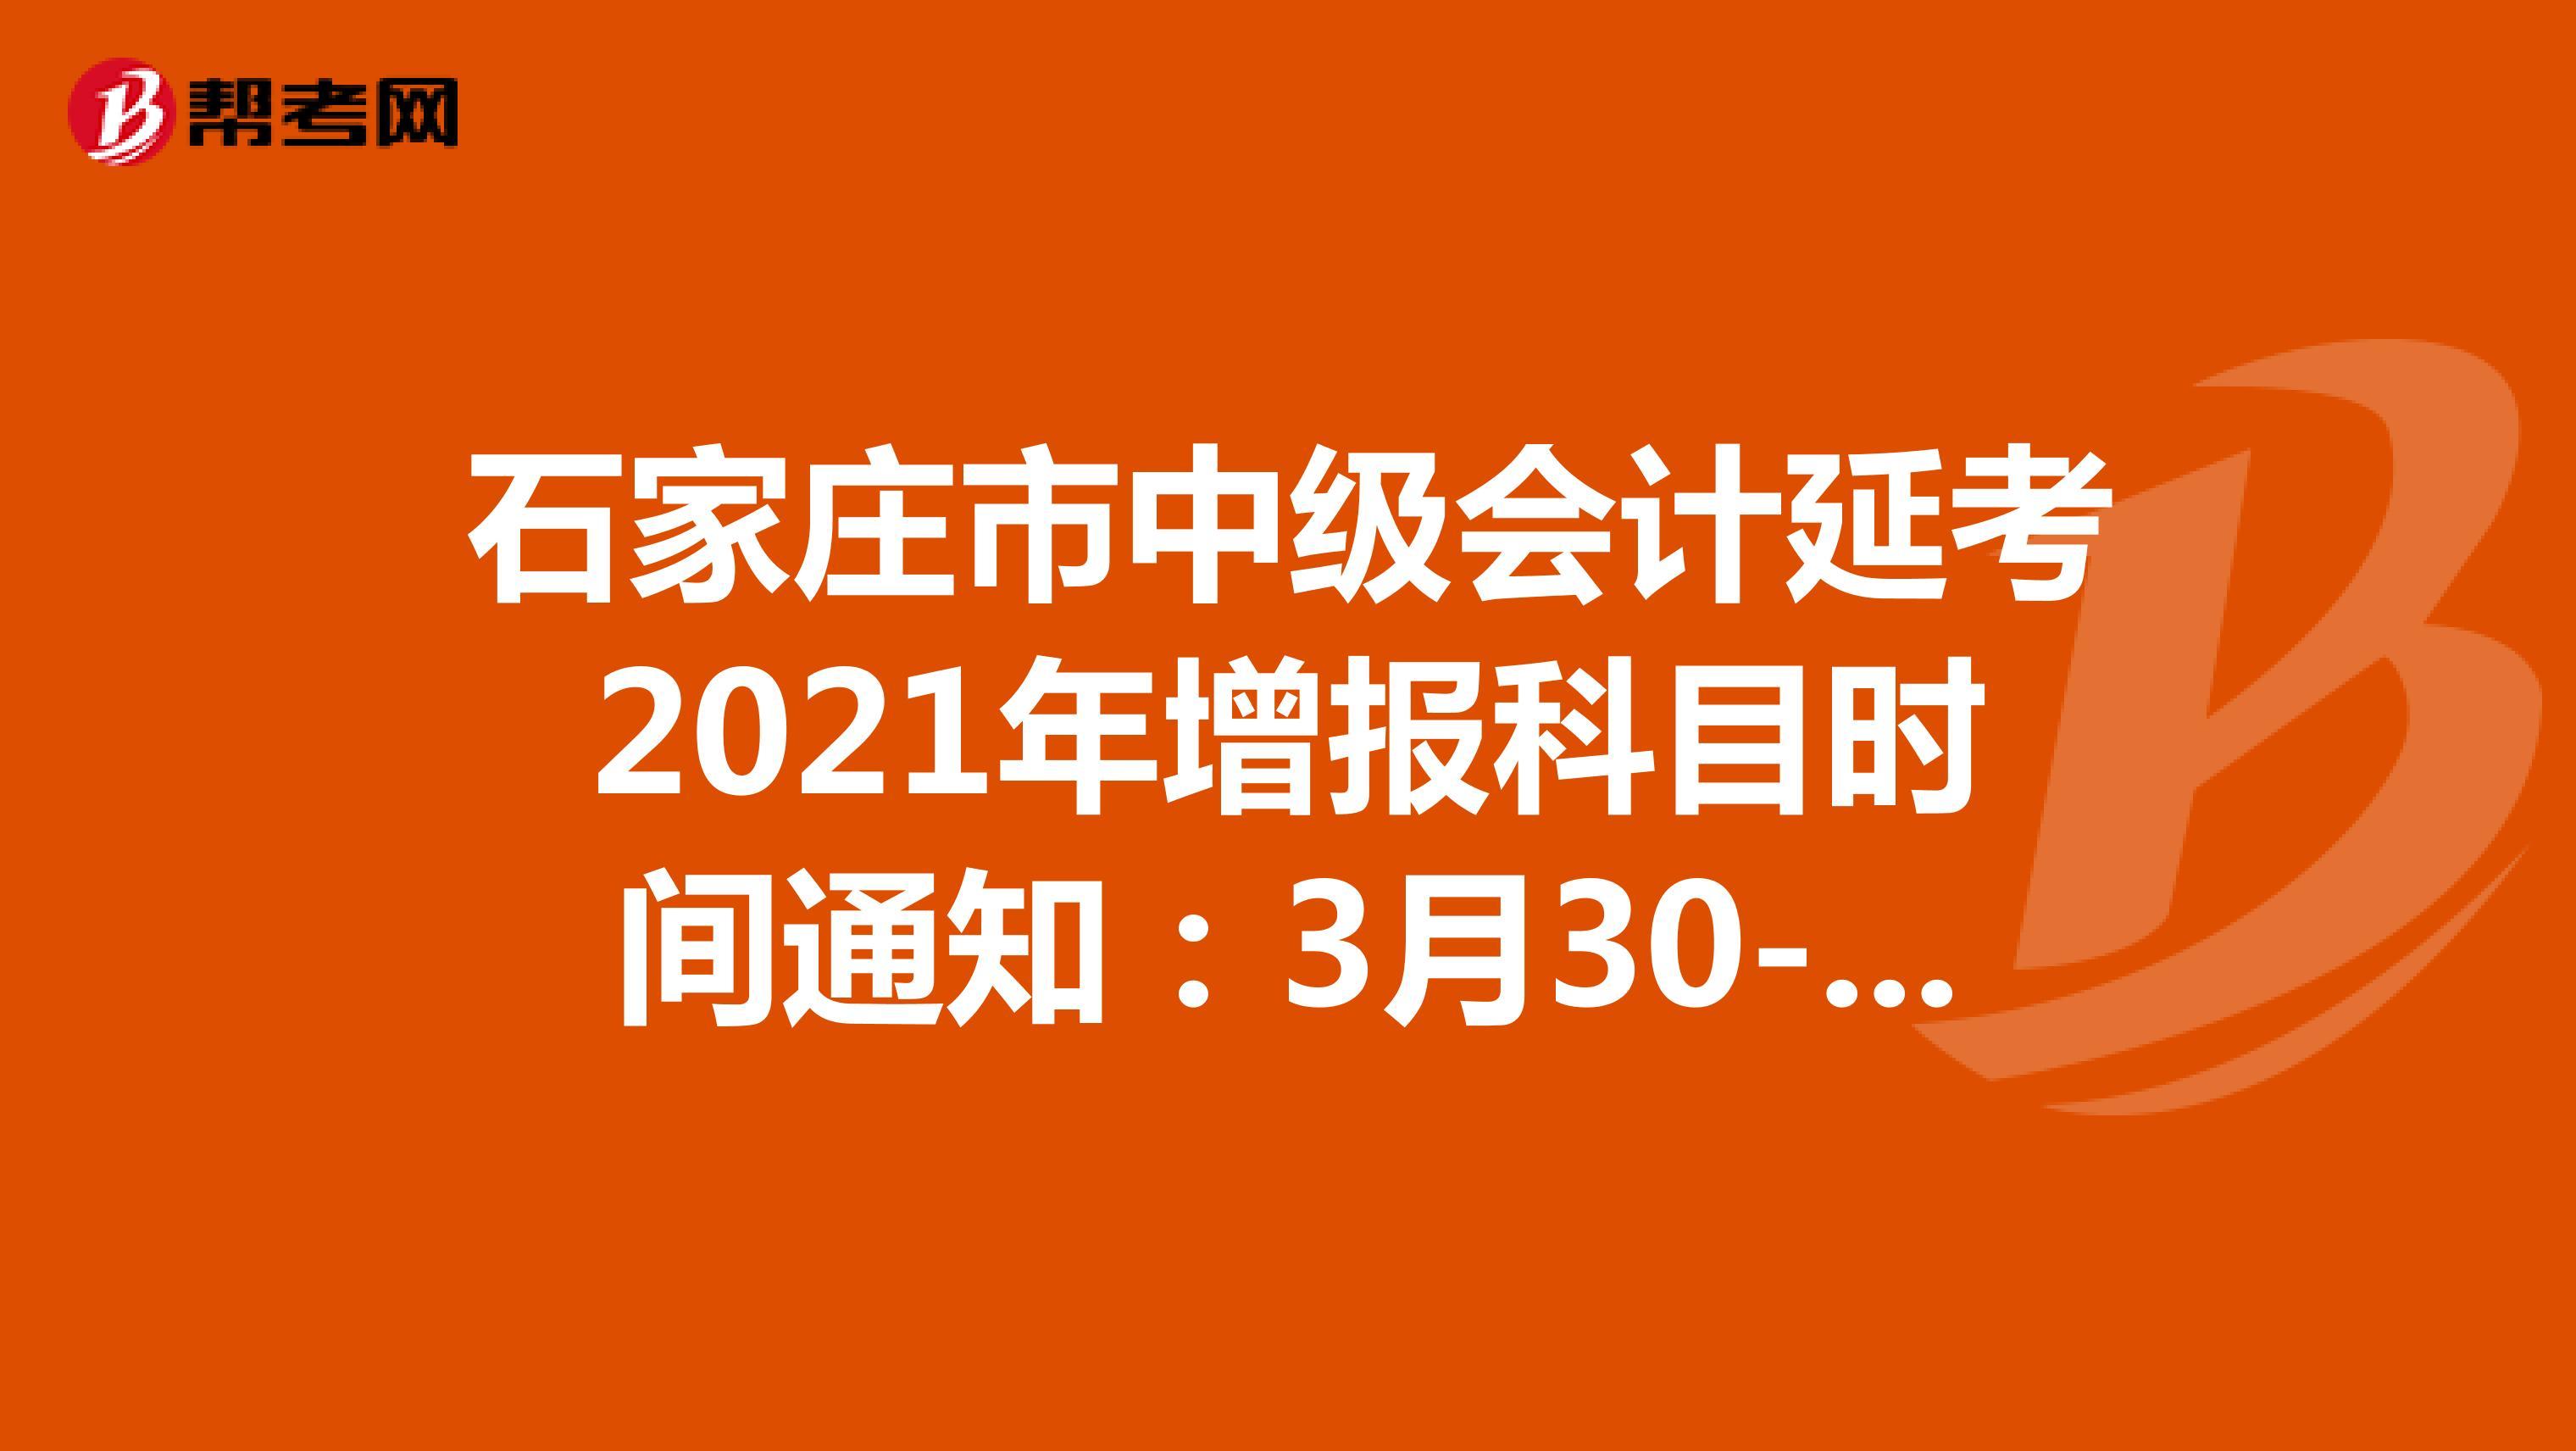 石家庄市中级会计延考2021年增报科目时间通知:3月30-31日